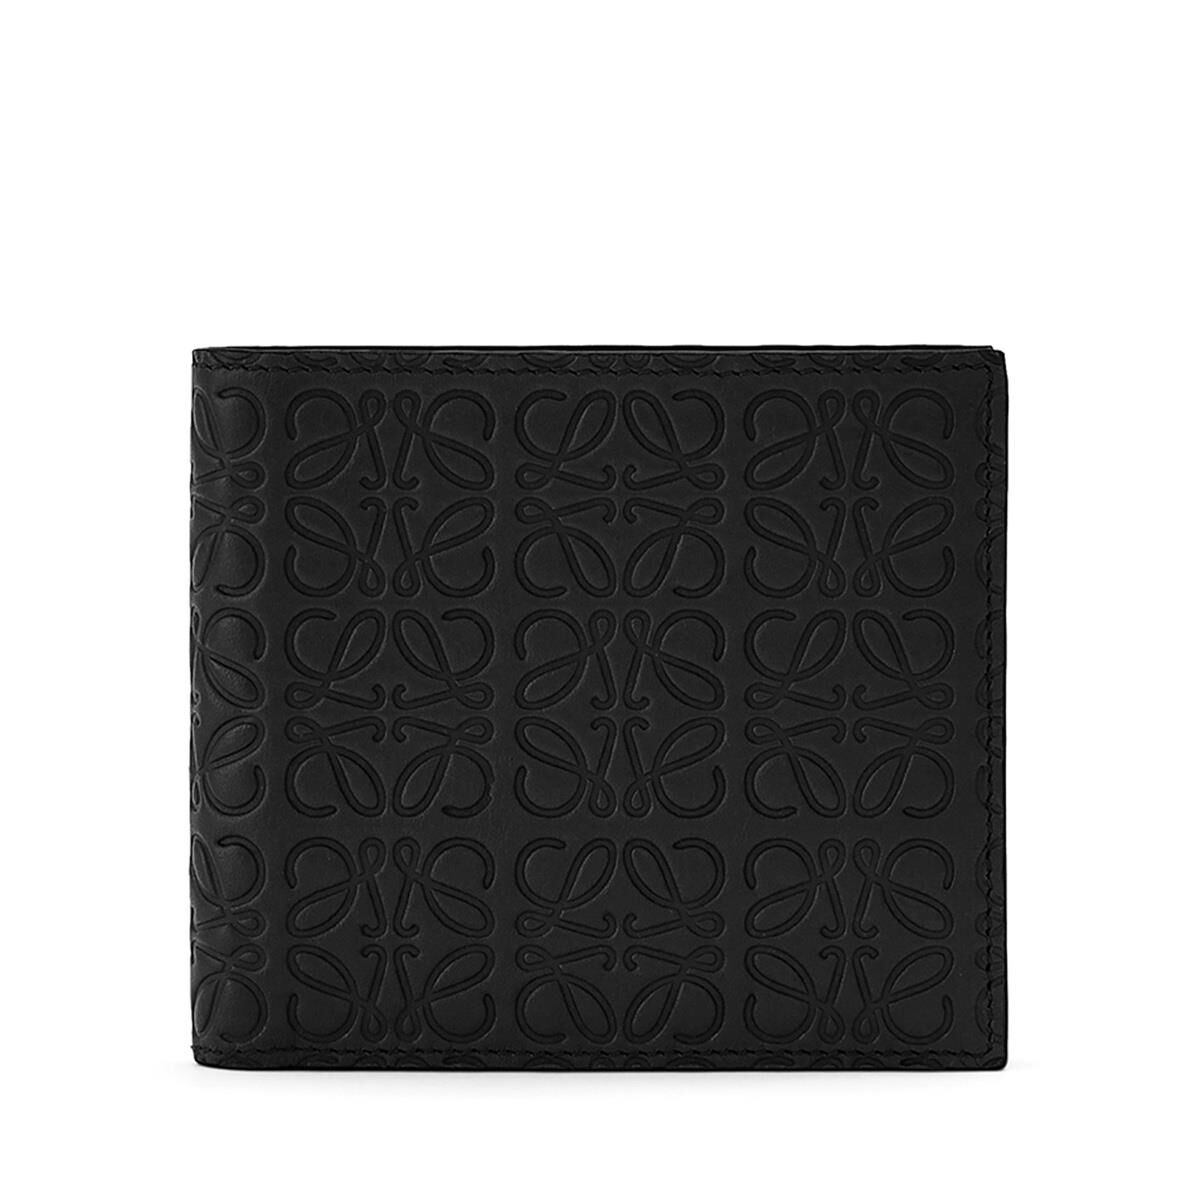 Trifold Wallet in Black Loewe xebBV